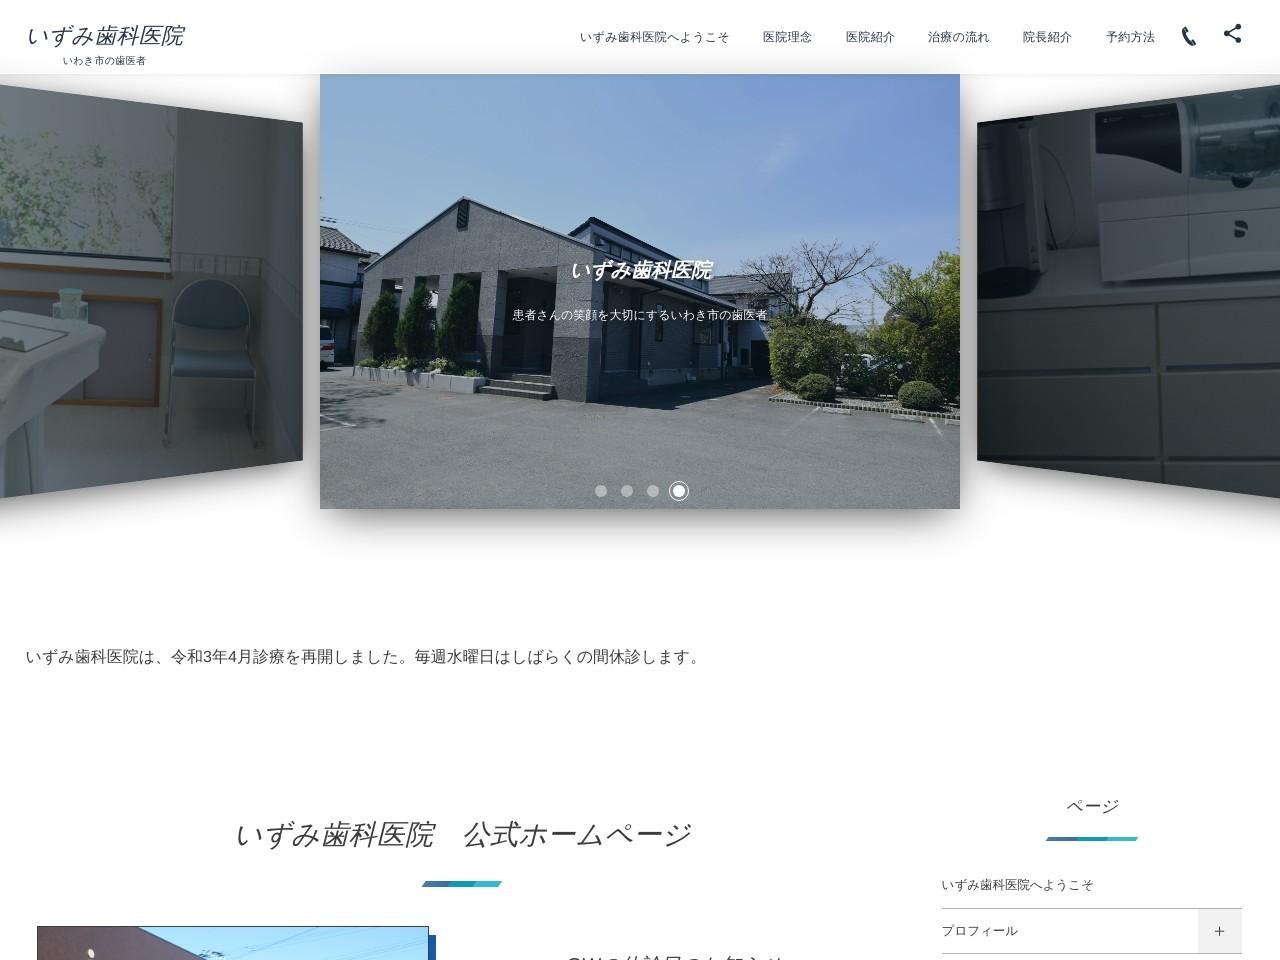 いずみ歯科医院 (福島県いわき市)